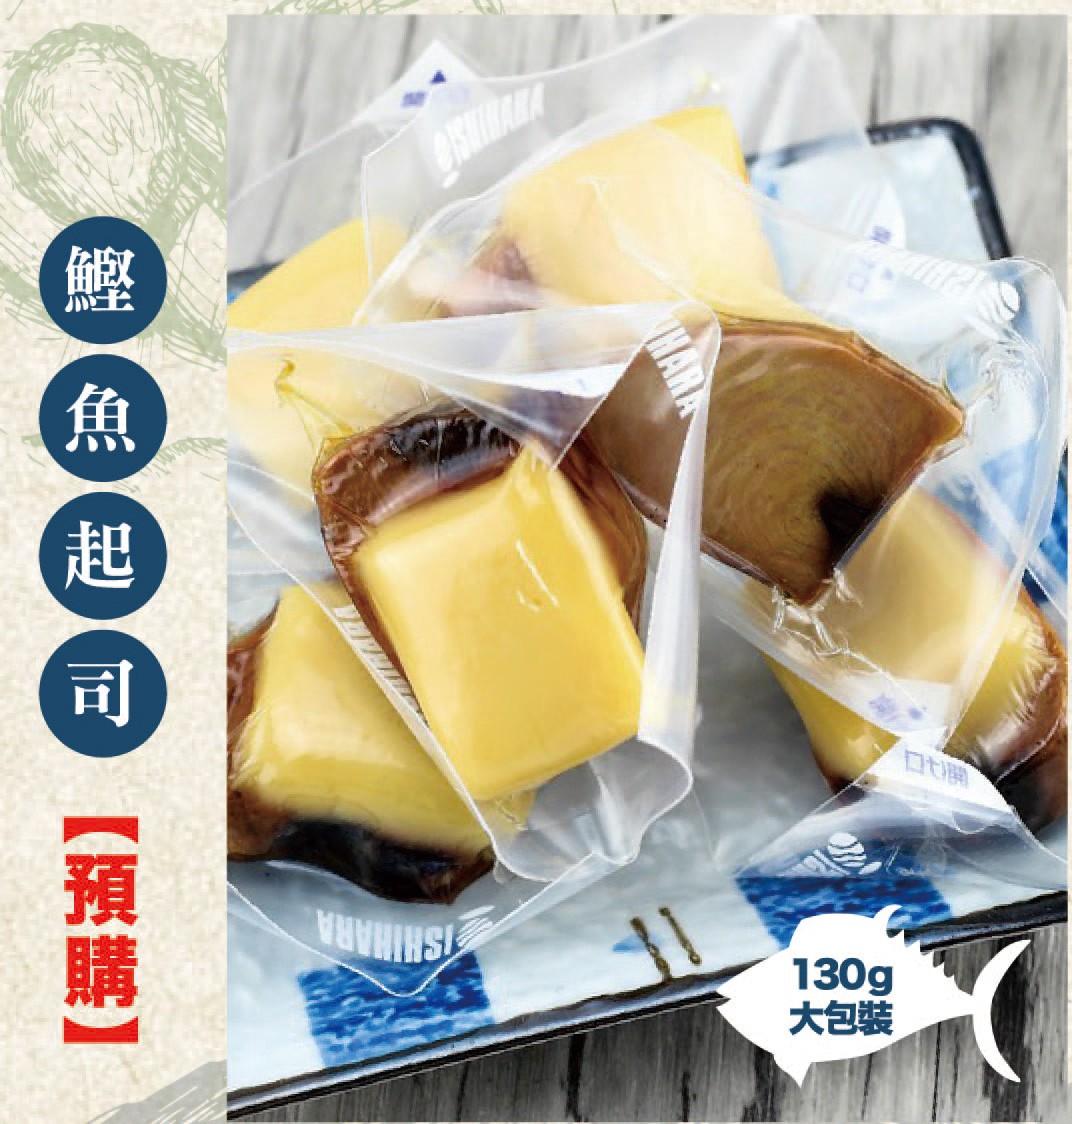 鰹魚起司130g/包-預購